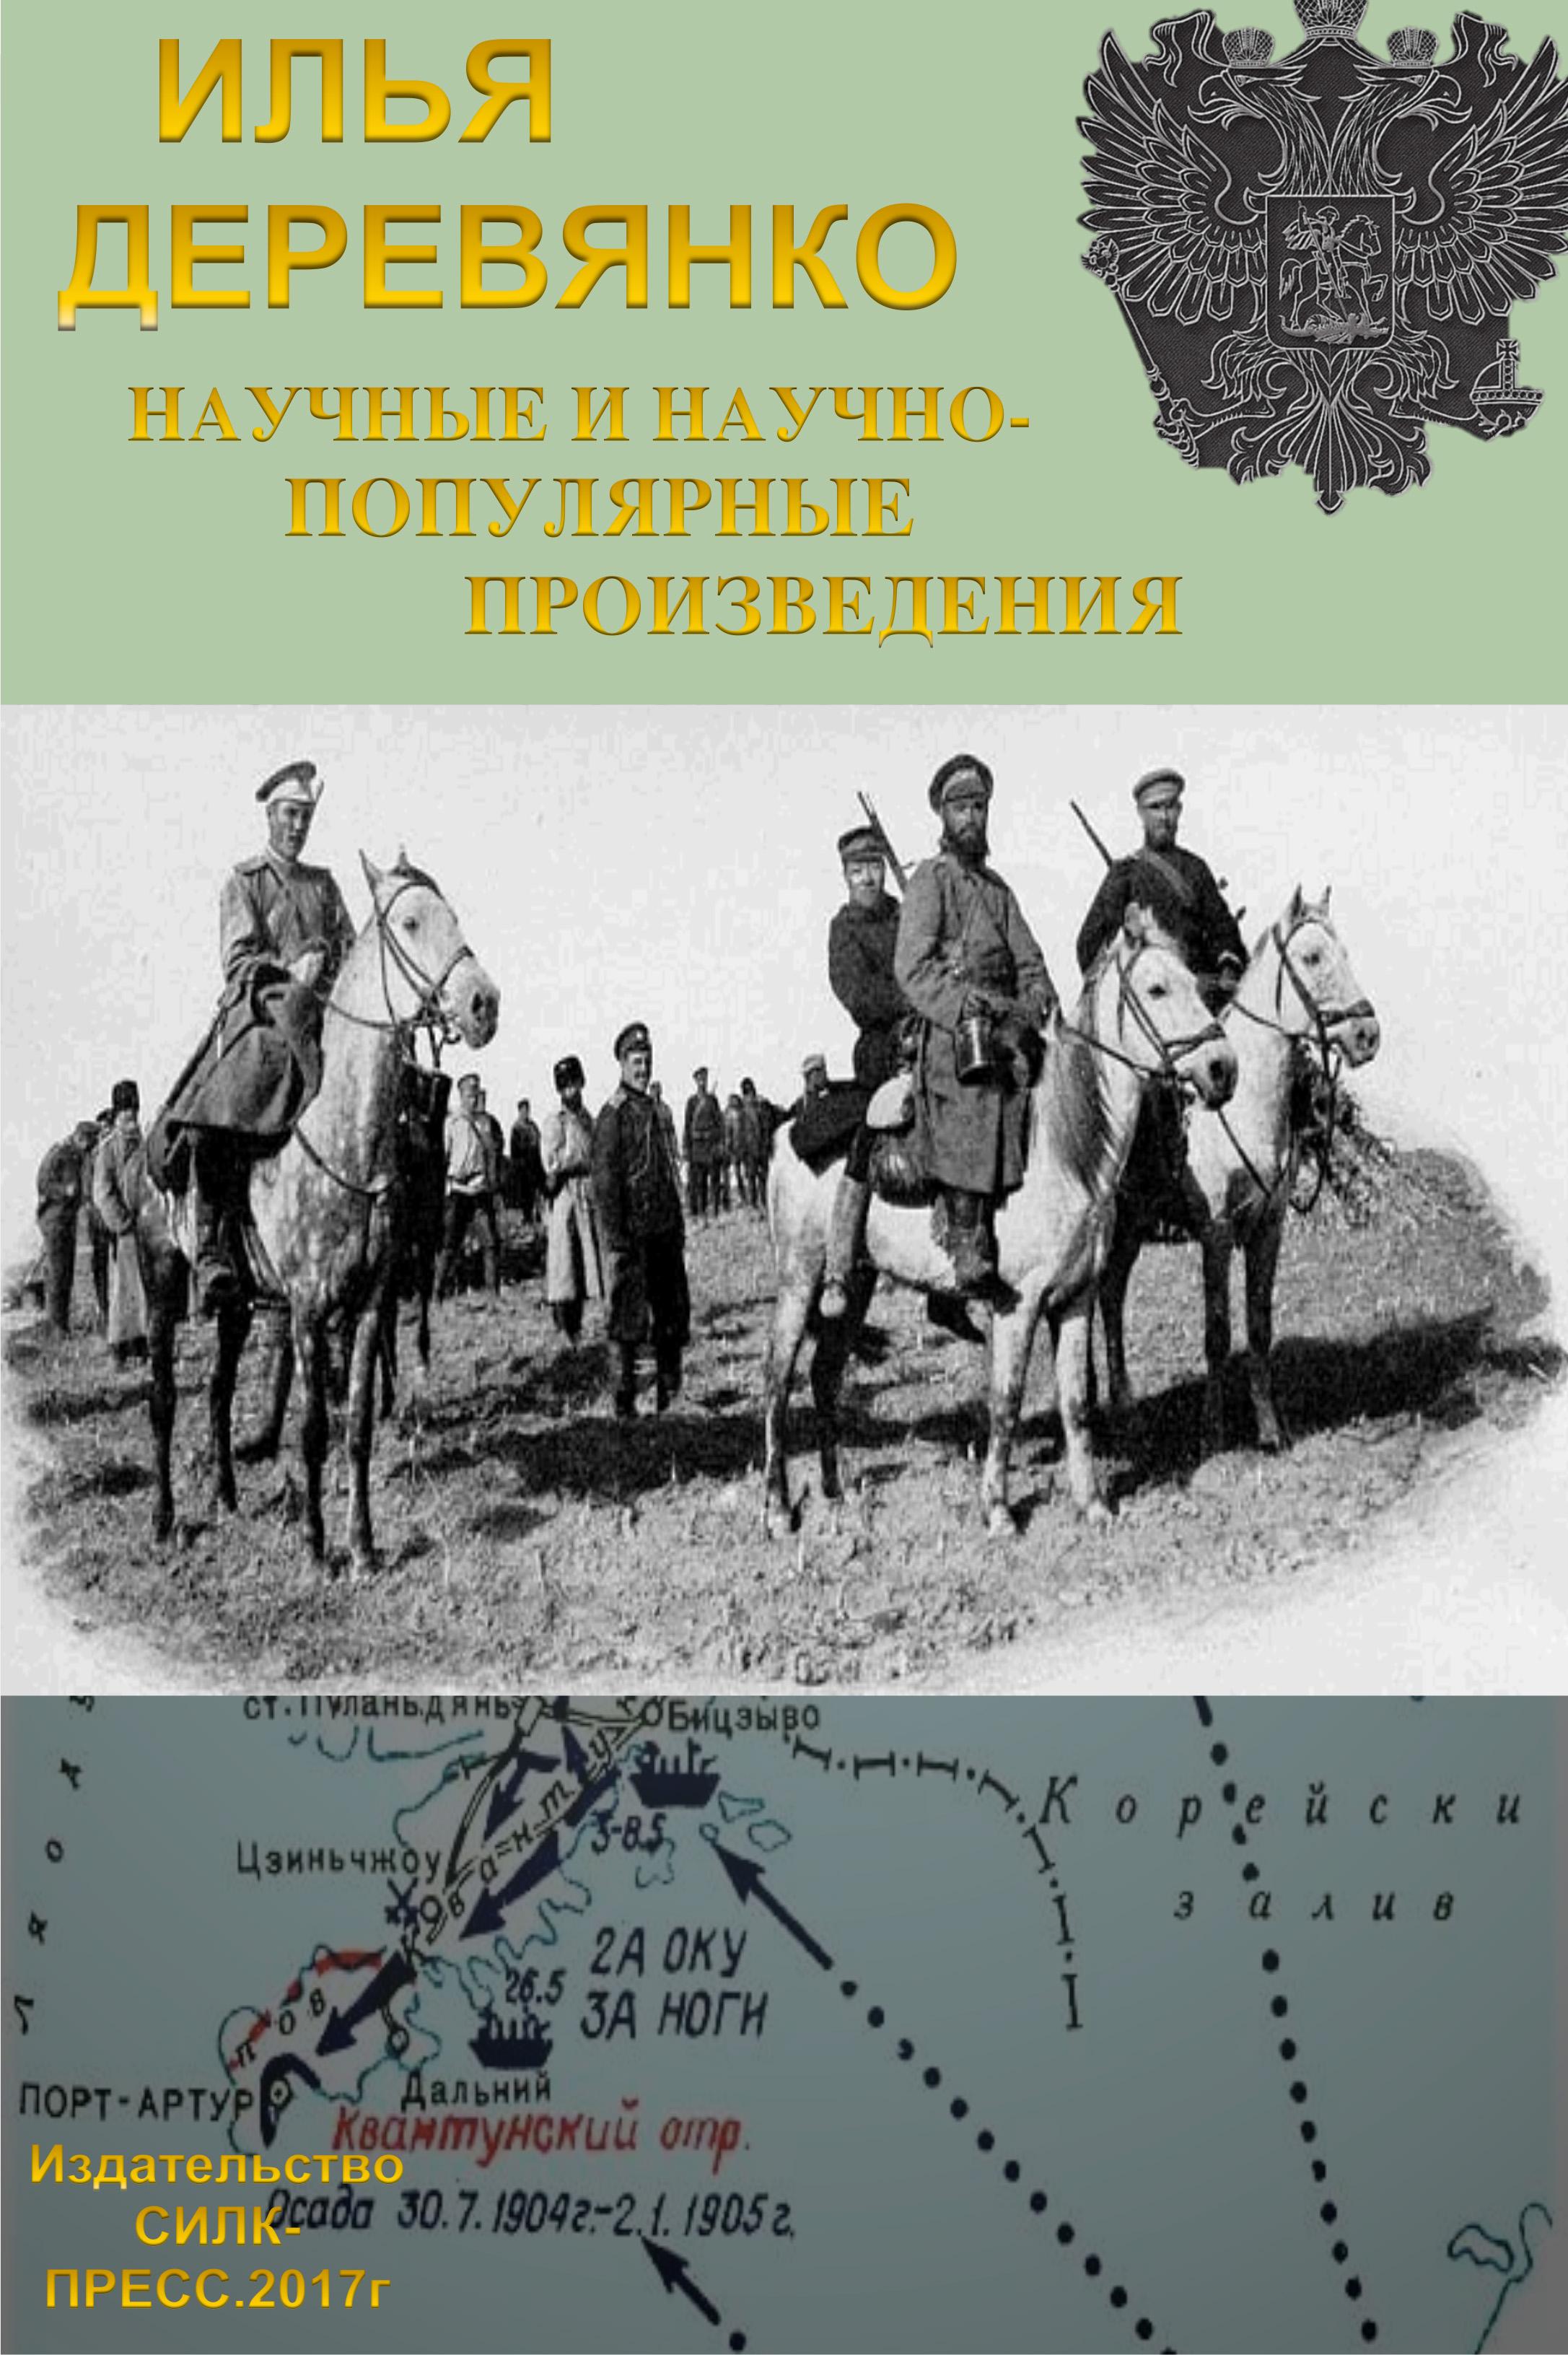 nauchnye i nauchno populyarnye proizvedeniya tom 3 istoriya razvedki i kontrrazvedki rossiyskoy imperii